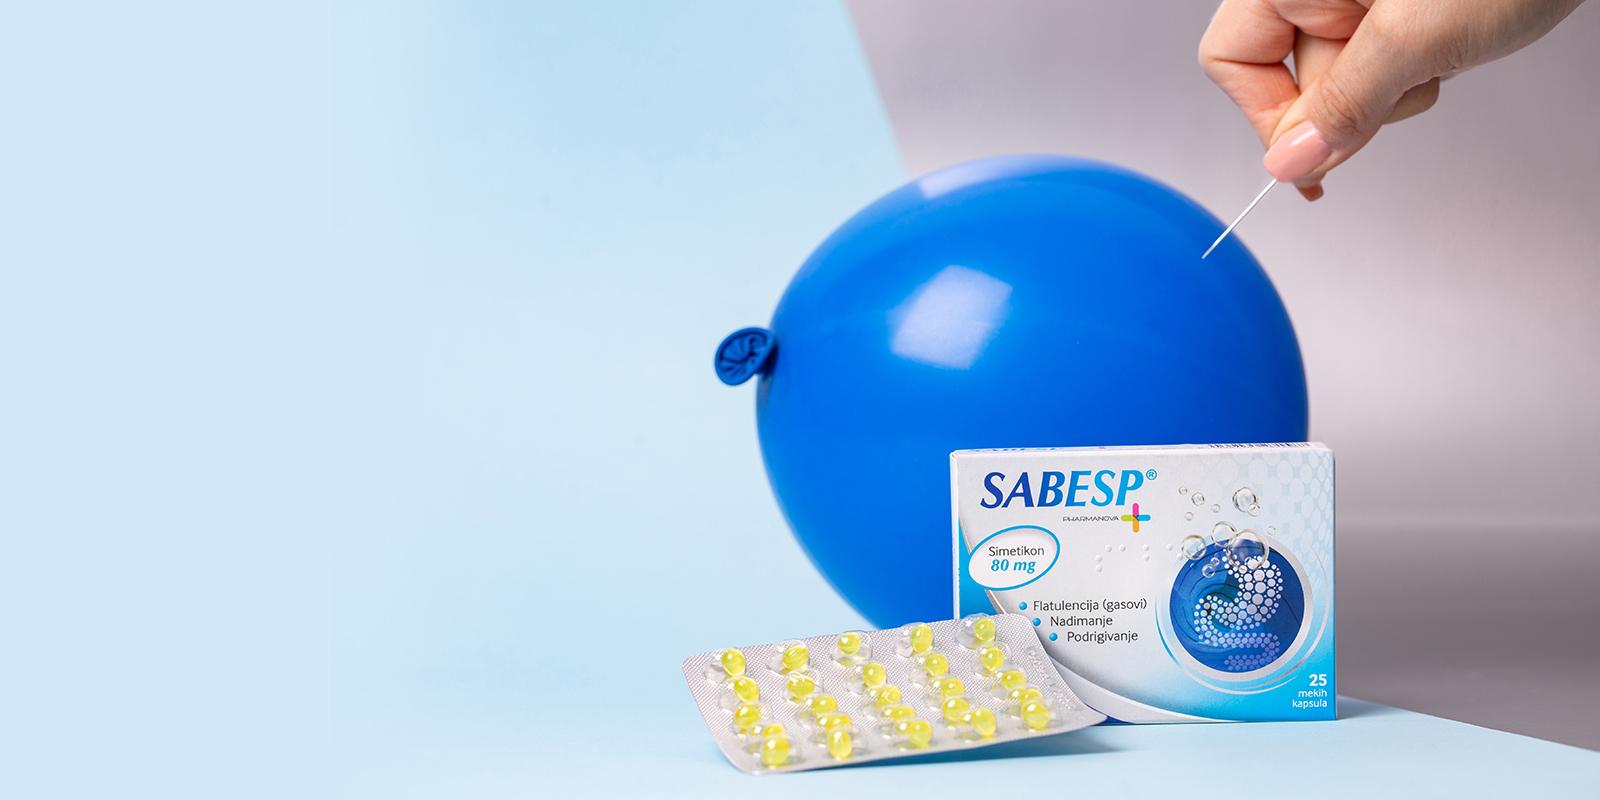 Sabesp-Slika-proizvoda-2-1600x800